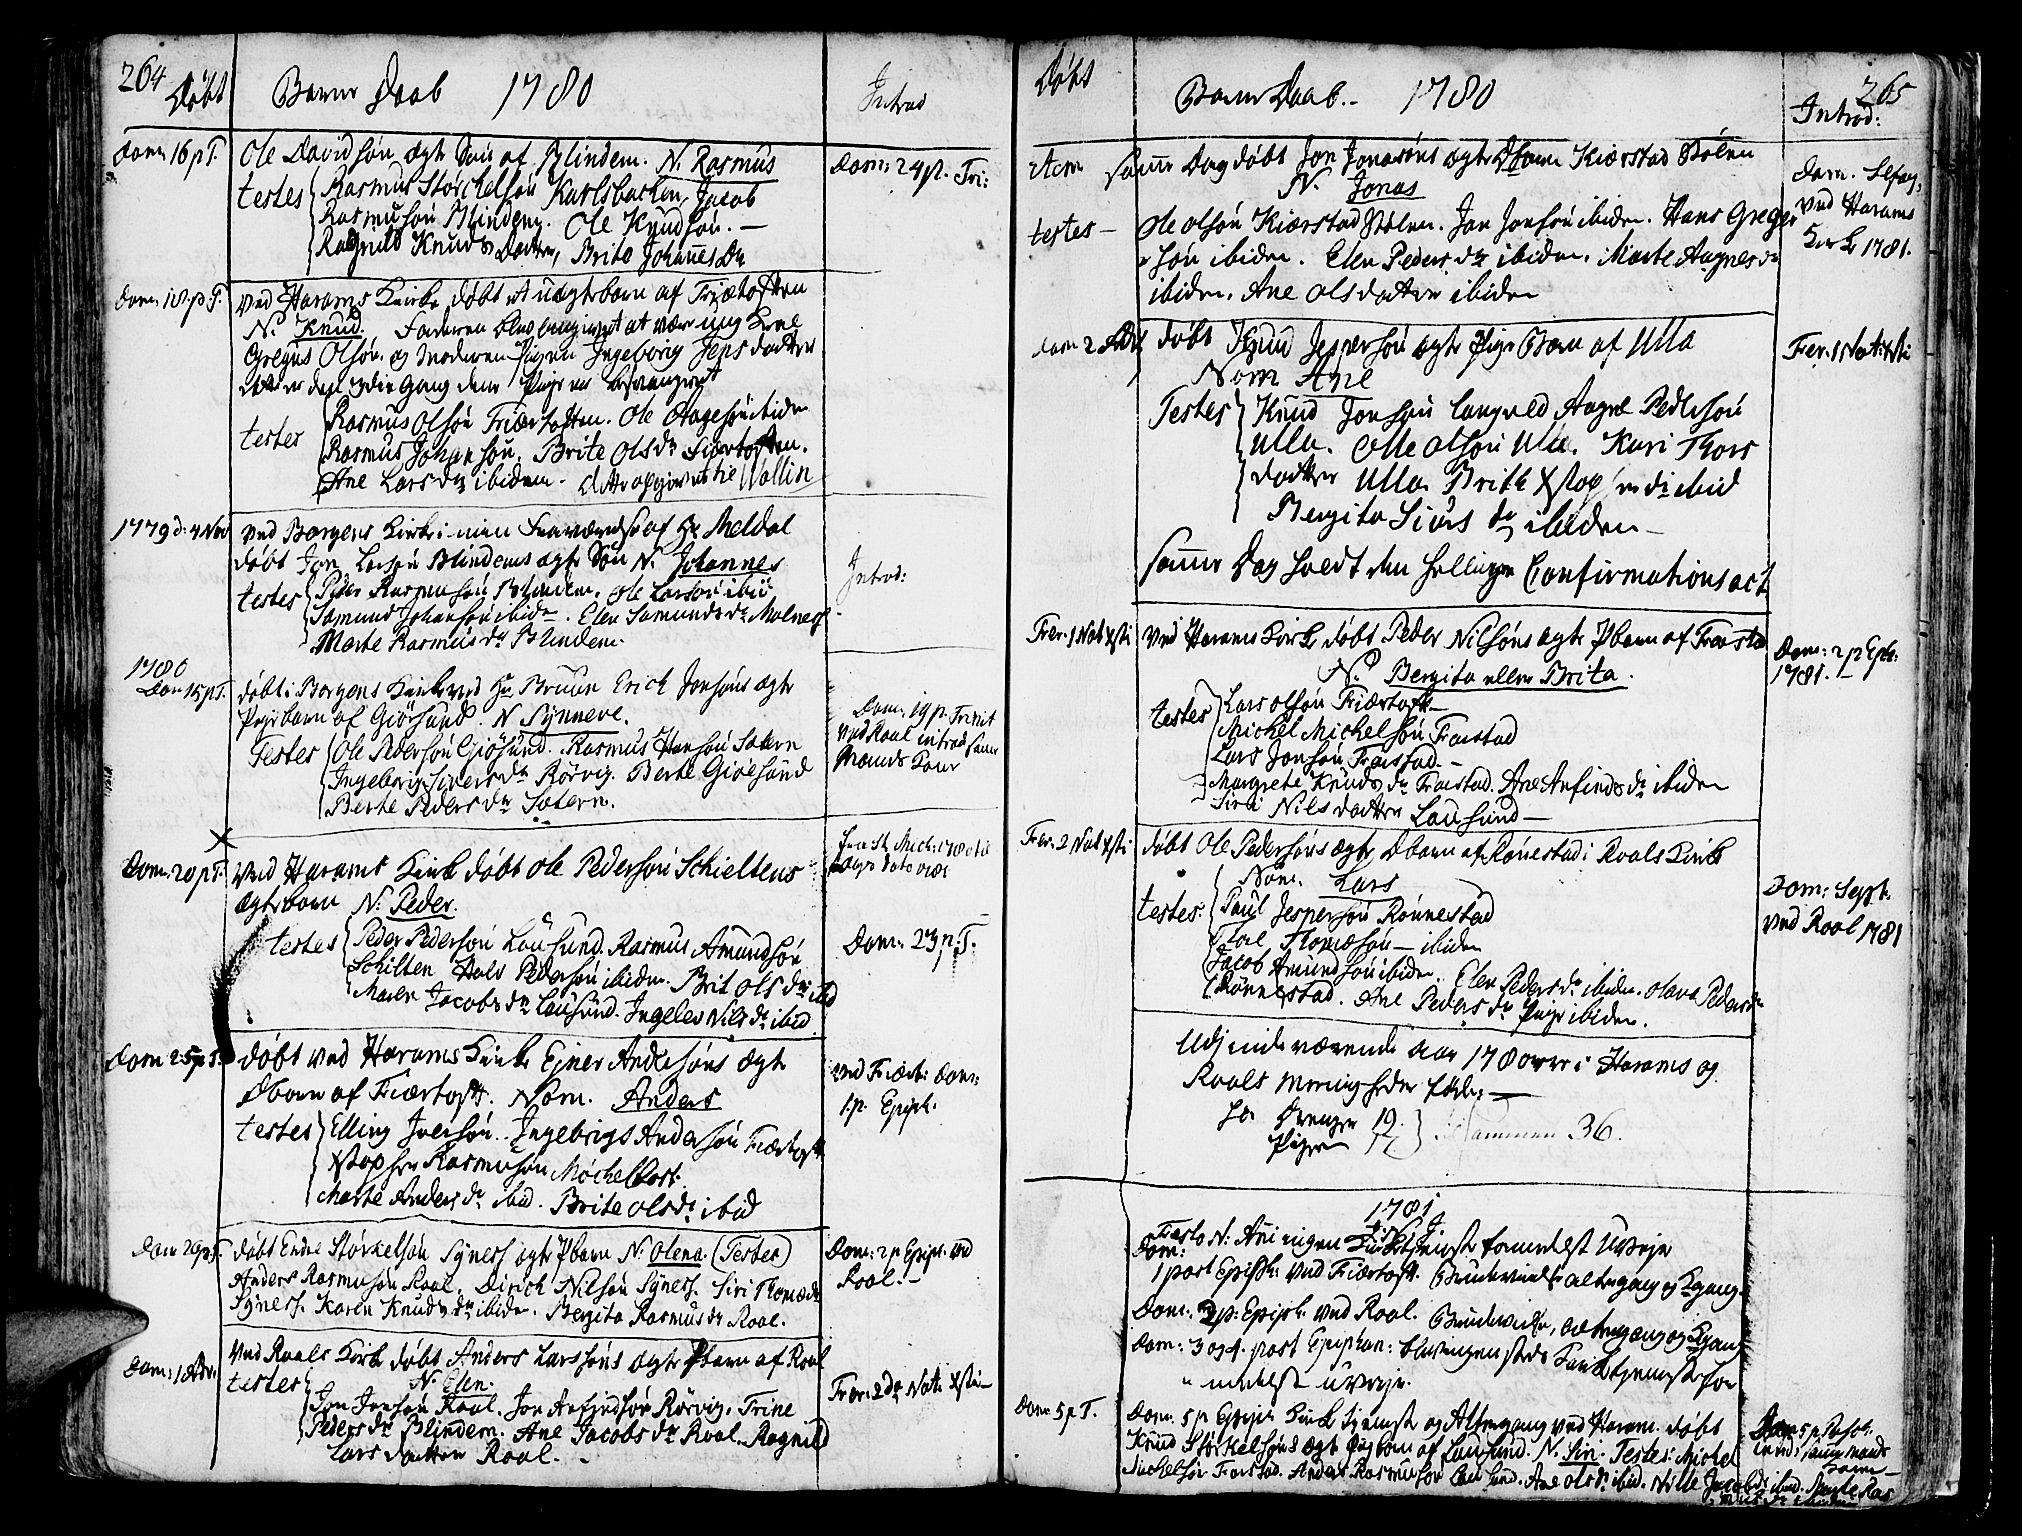 SAT, Ministerialprotokoller, klokkerbøker og fødselsregistre - Møre og Romsdal, 536/L0493: Ministerialbok nr. 536A02, 1739-1802, s. 264-265